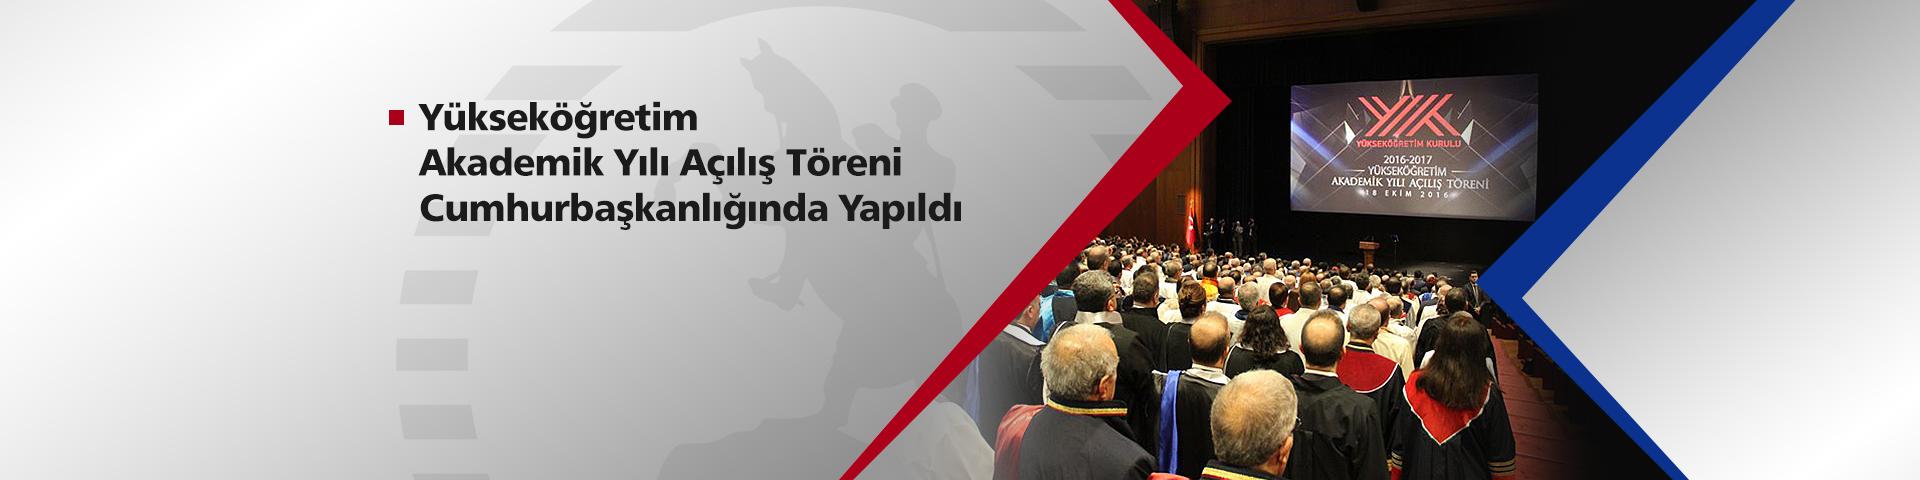 Yükseköğretim Akademik Yılı Açılış Töreni Cumhurbaşkanlığında Yapıldı